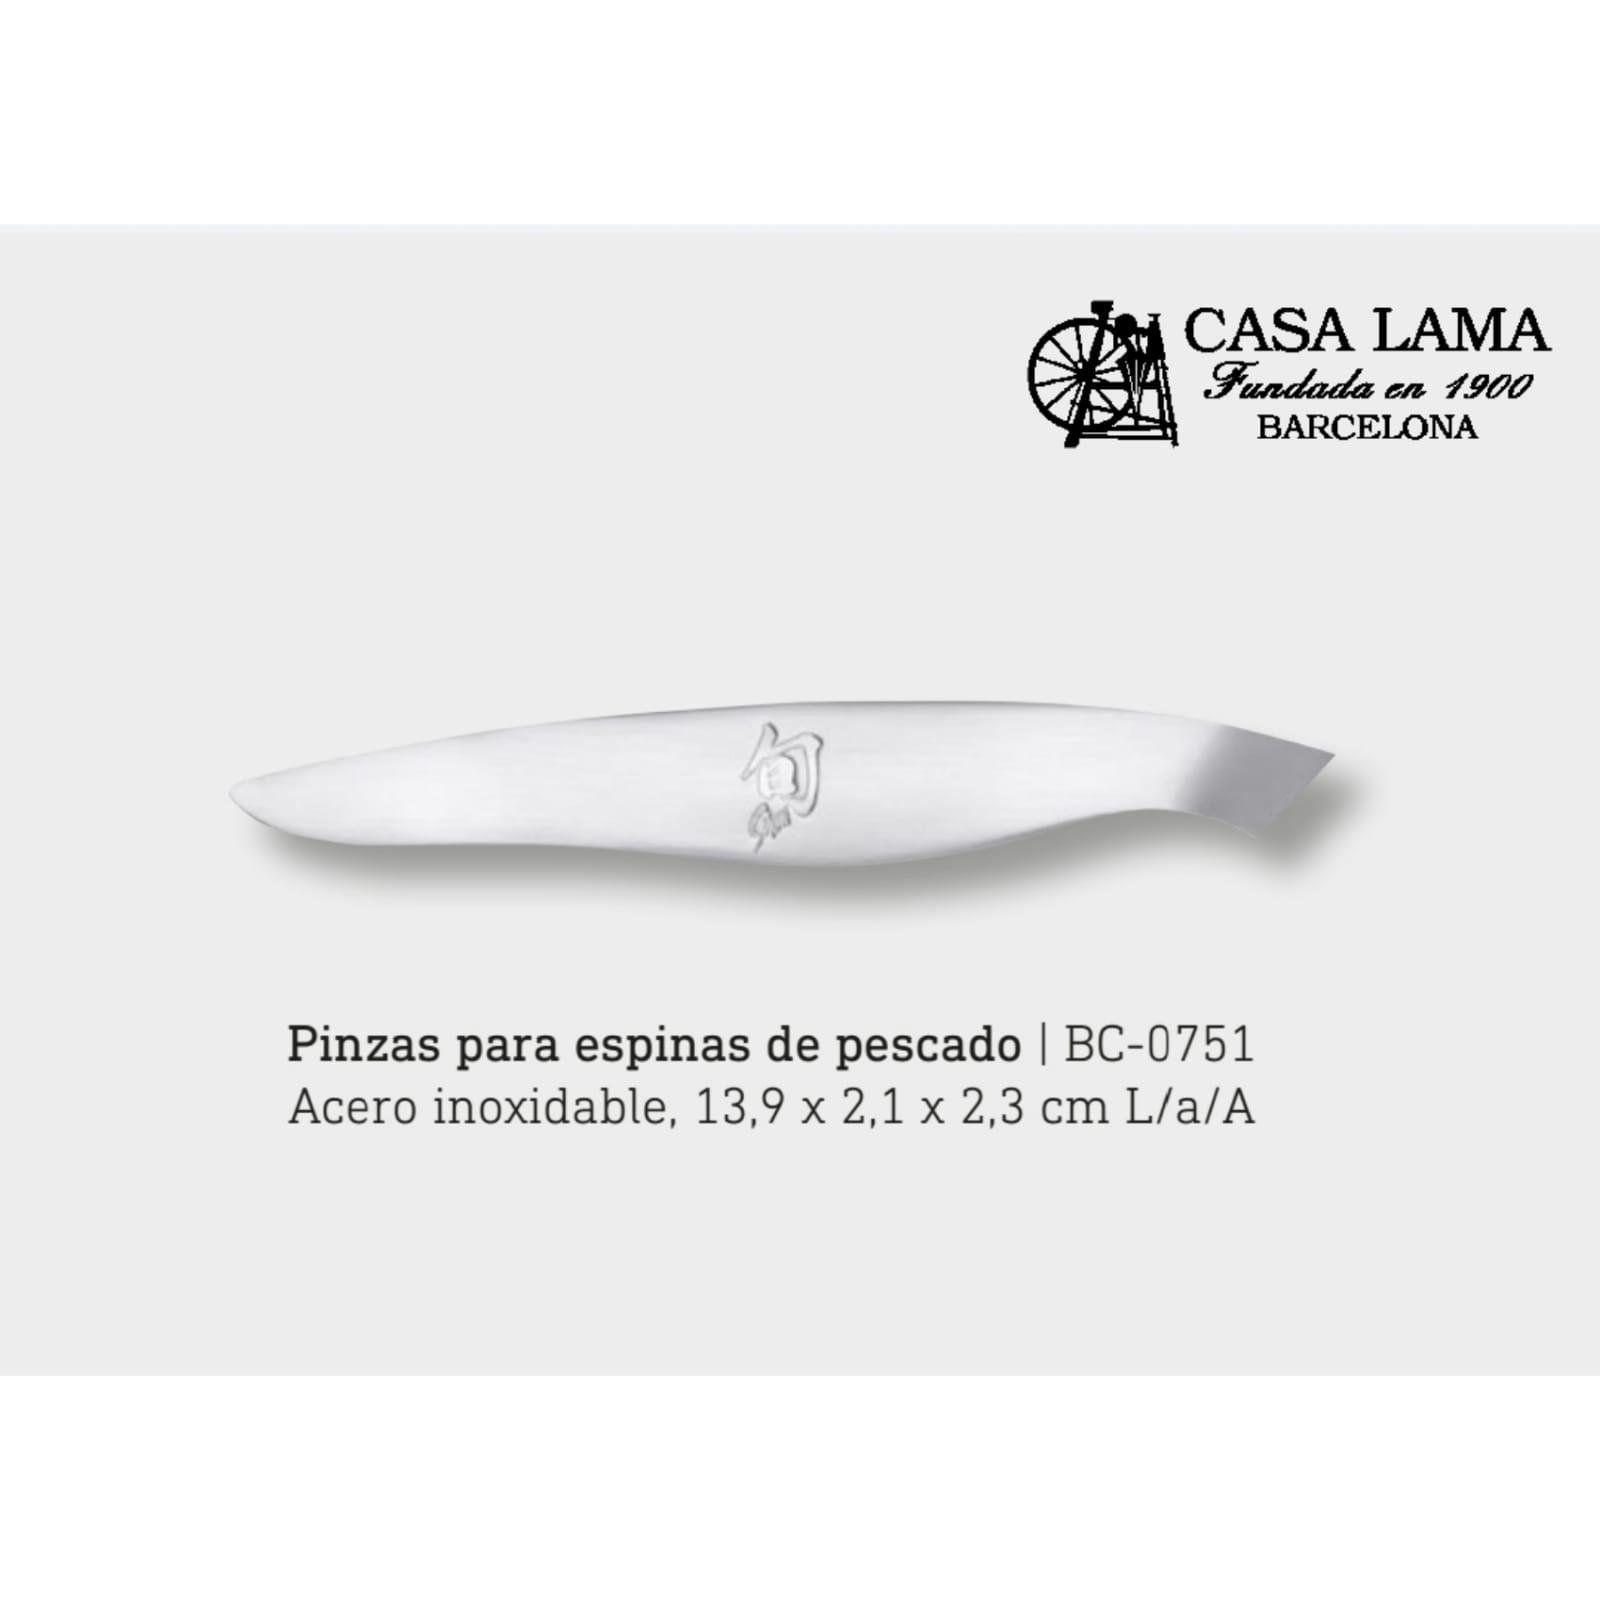 Venta online de la pinza para pescado en cuchilleria Casa Lama